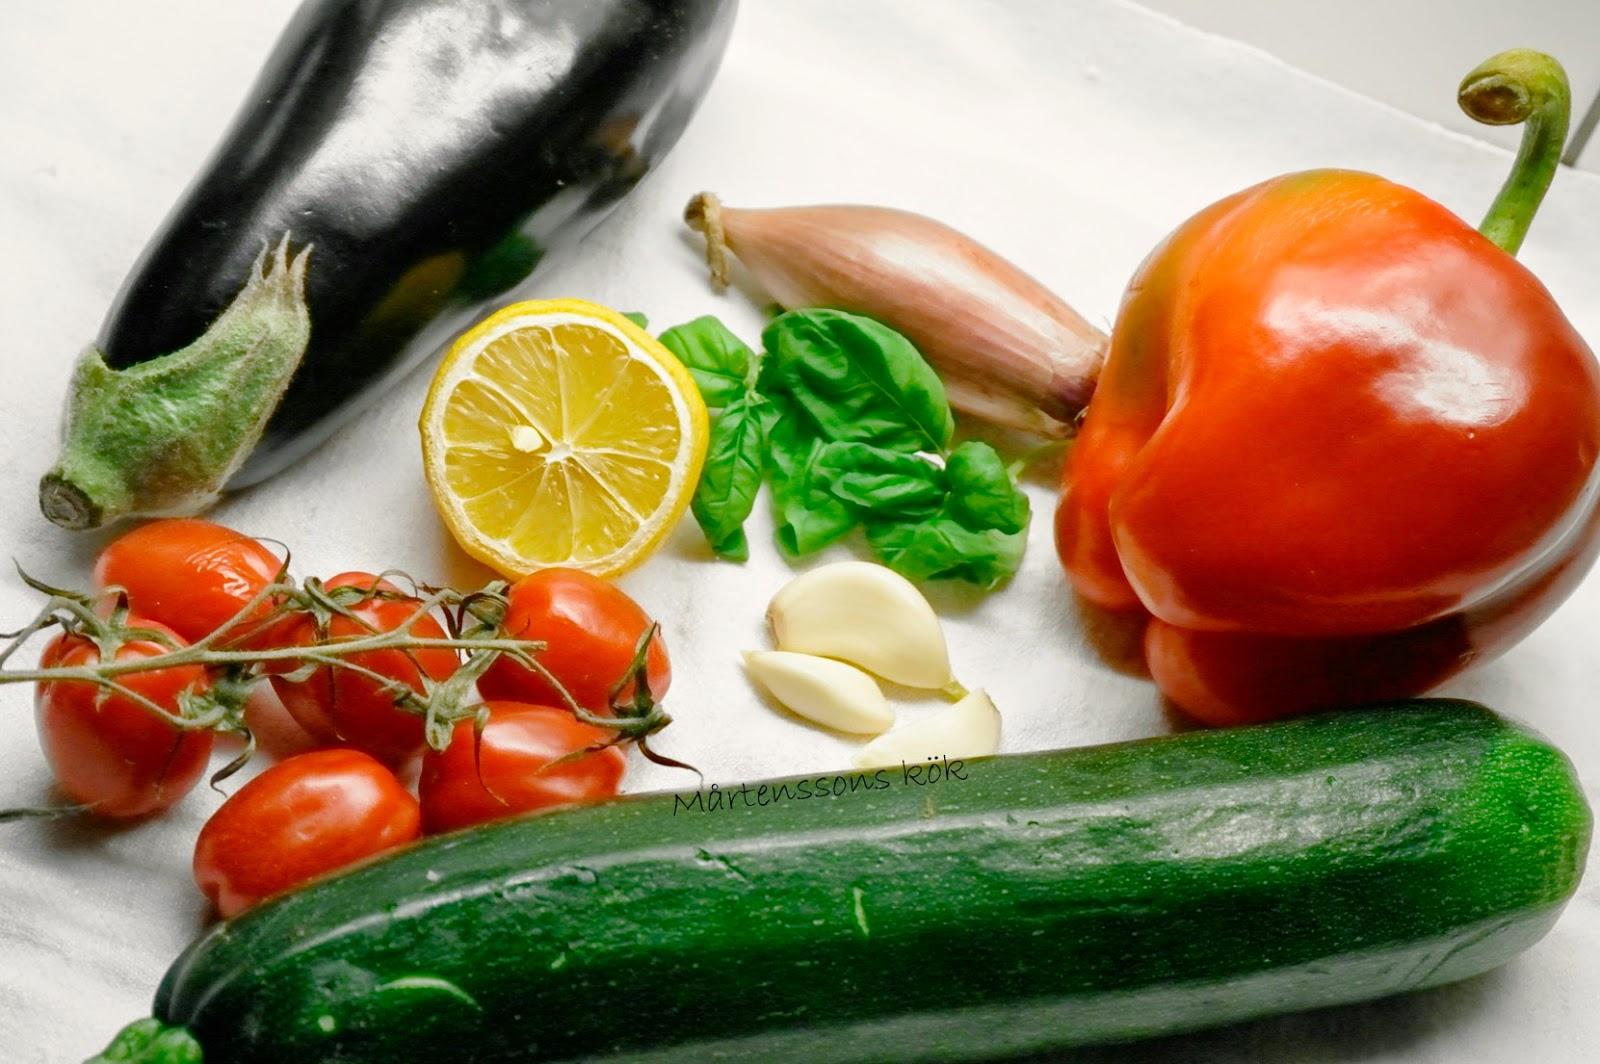 Korvlåda med grönsaker och ägg